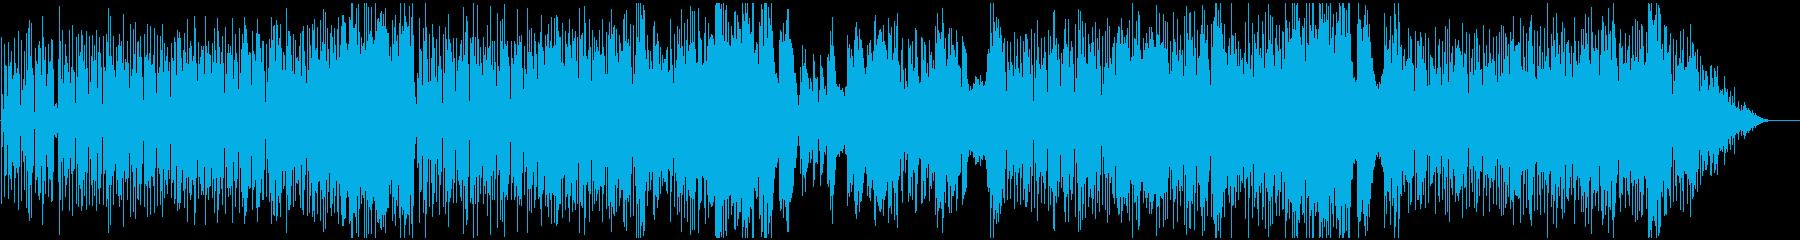 ハーフシャッフルフュージョンの再生済みの波形